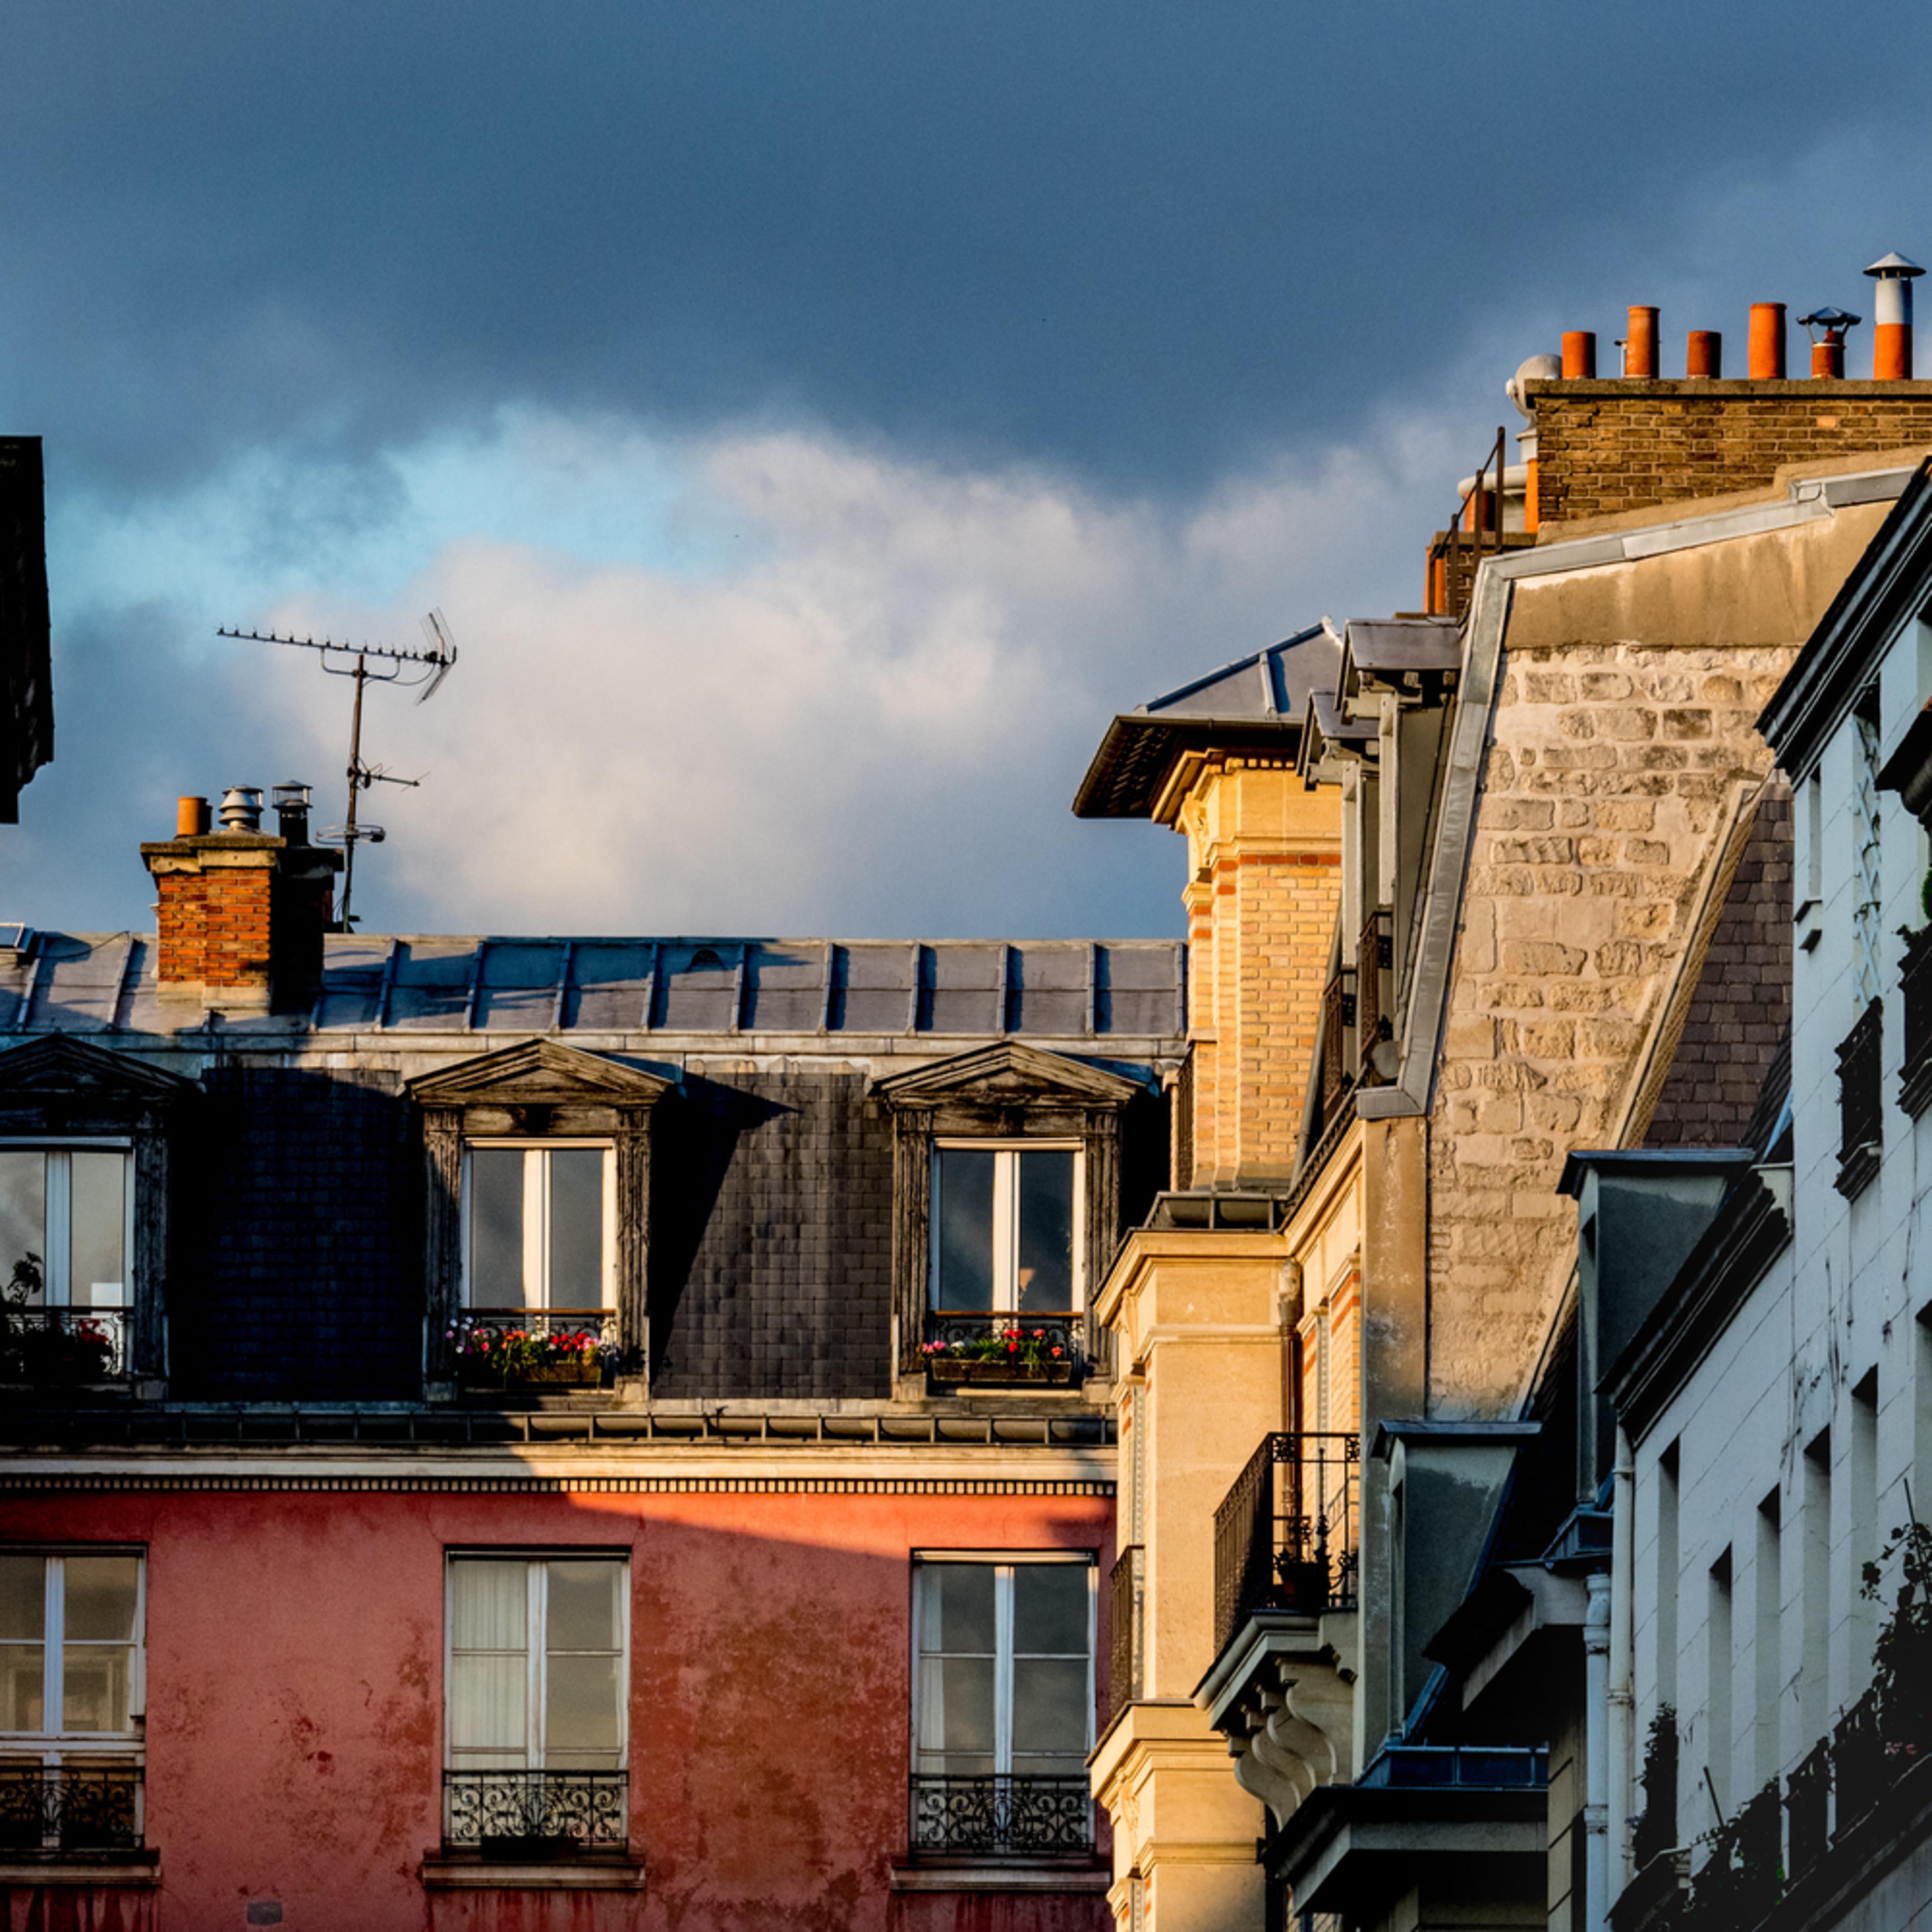 Paris 9 17 043 ixaffy